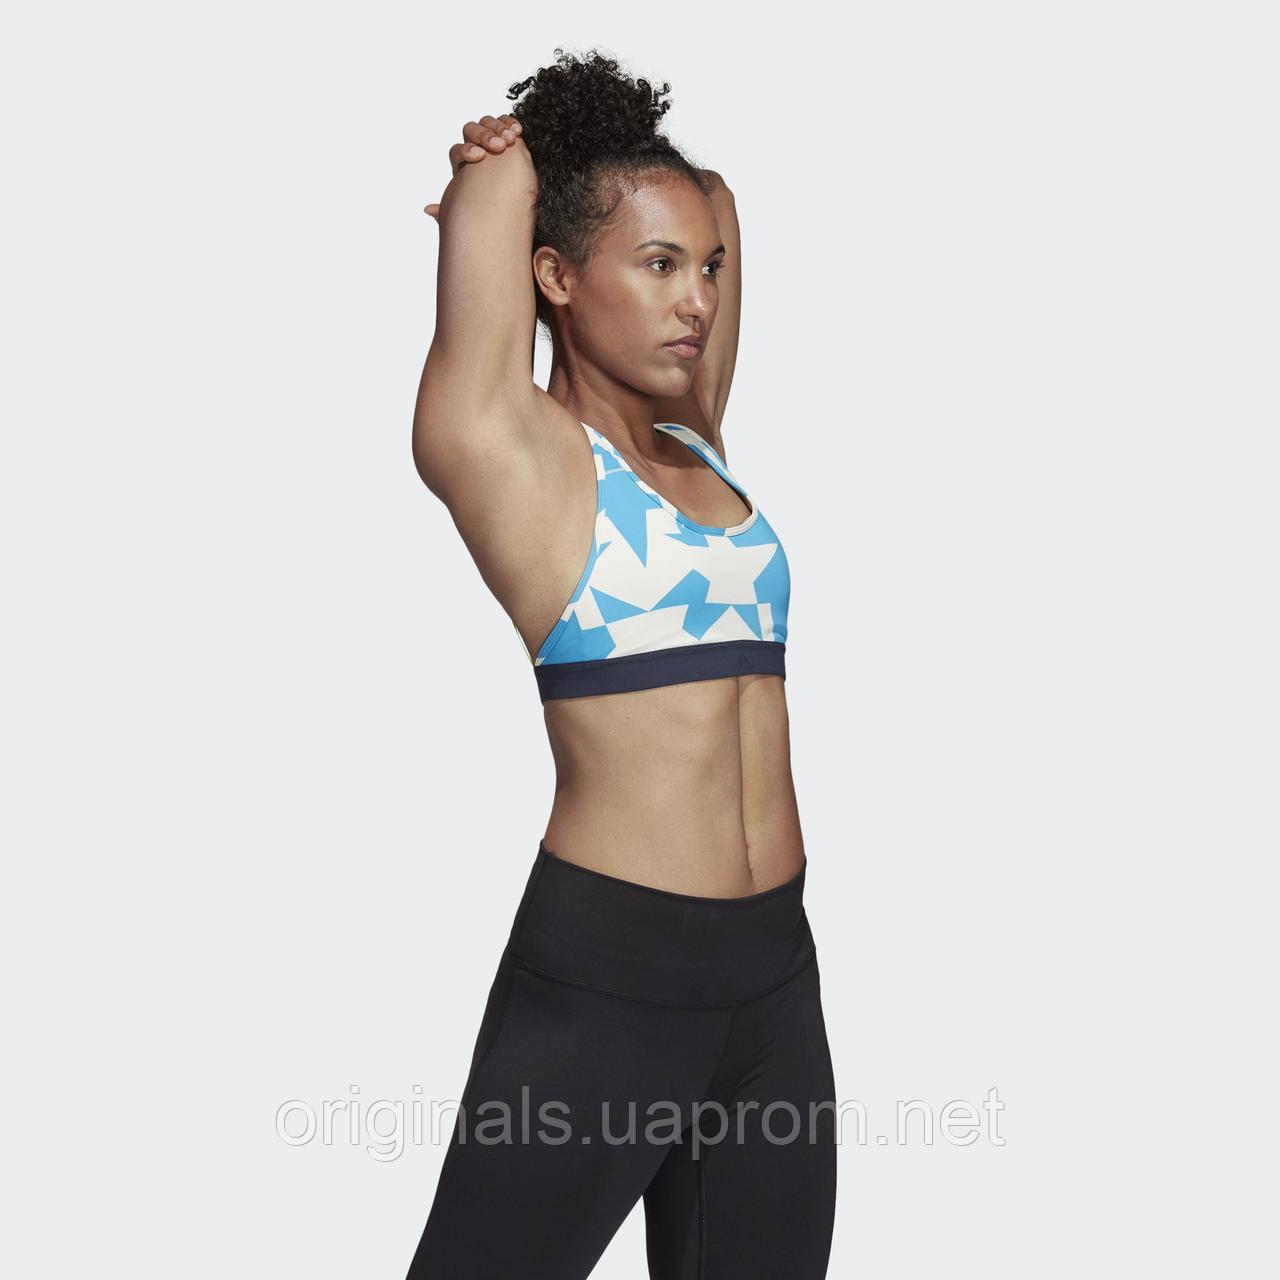 Спортивный топ Adidas Don't Rest Iteration DT2691